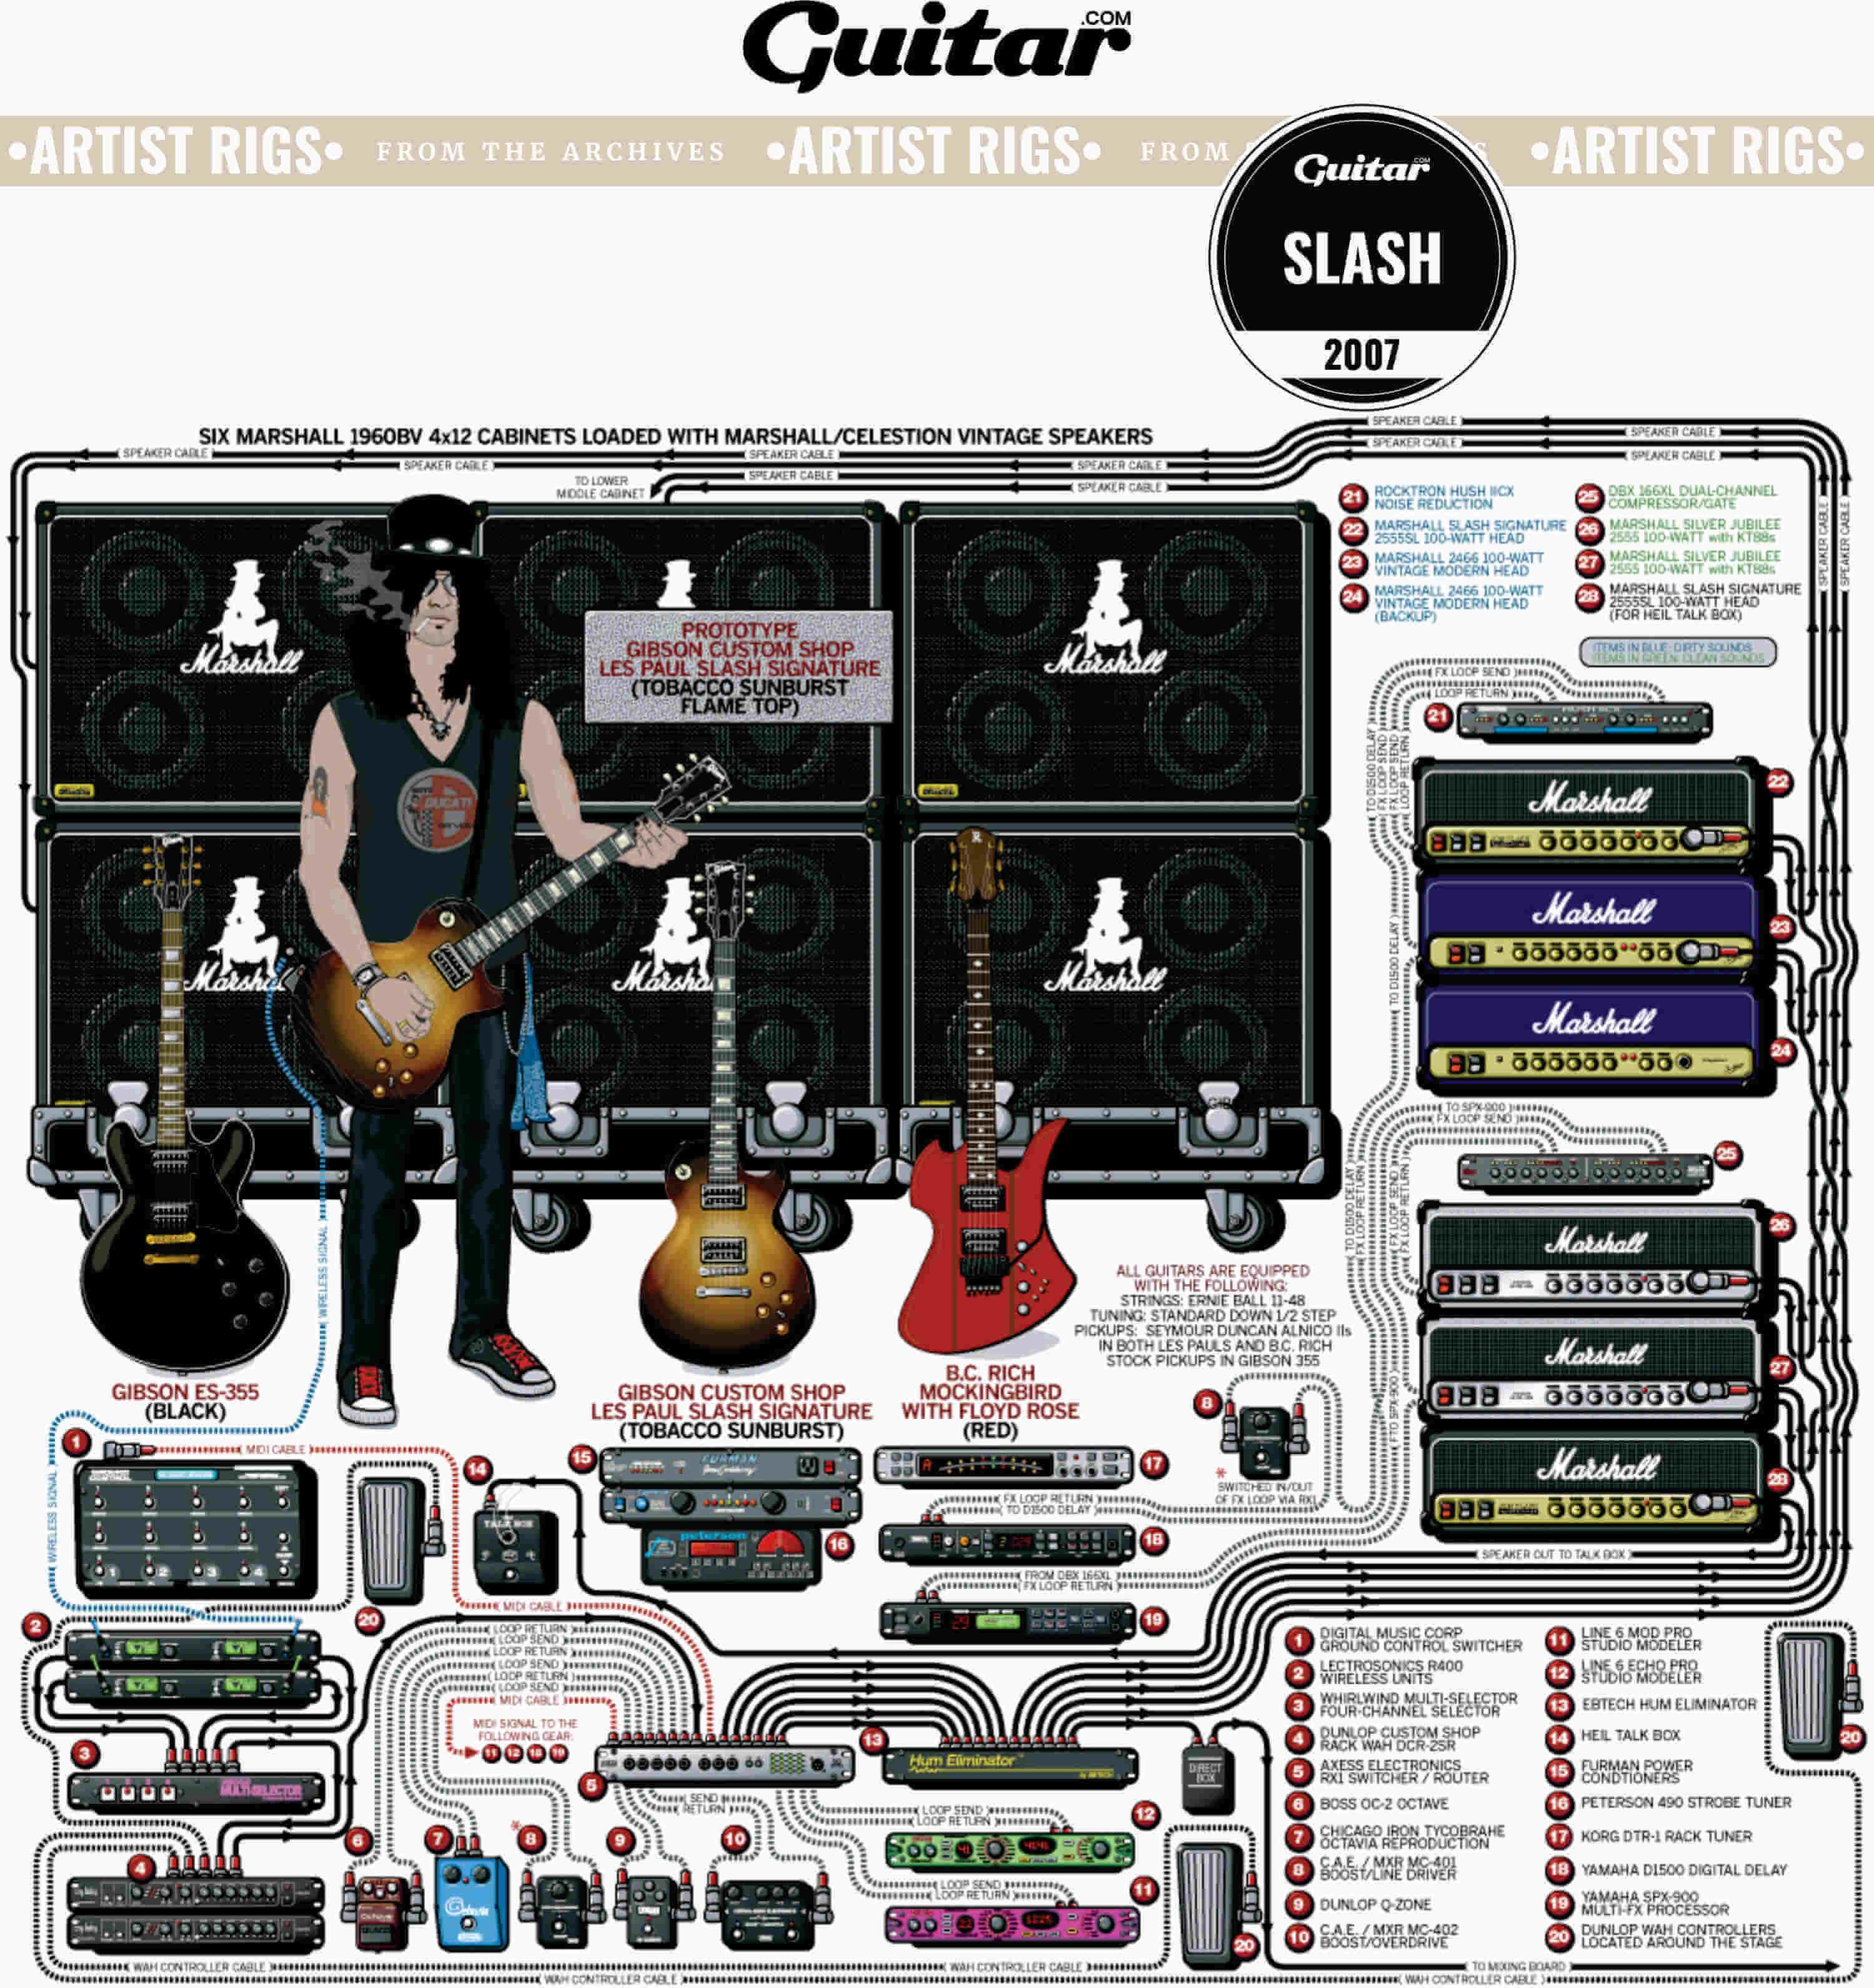 Rig Diagram: Slash (2007)